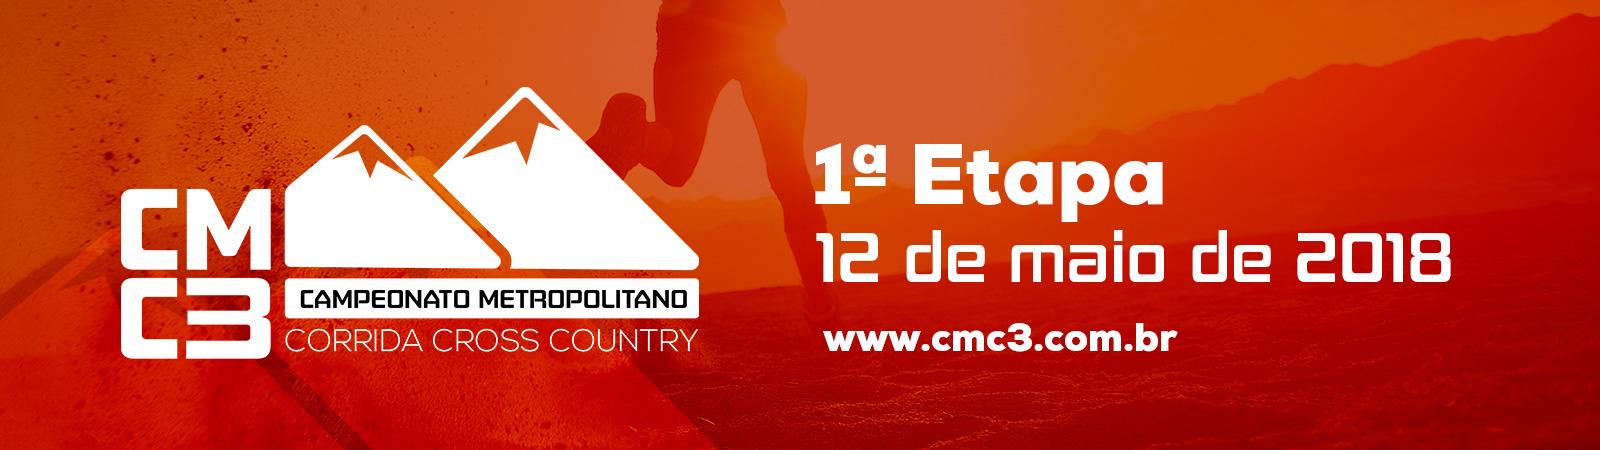 CMC3 - CAMPEONATO METROPOLITANO DE CORRIDA CROSS COUNTRY - 1ª ETAPA - Imagem de topo